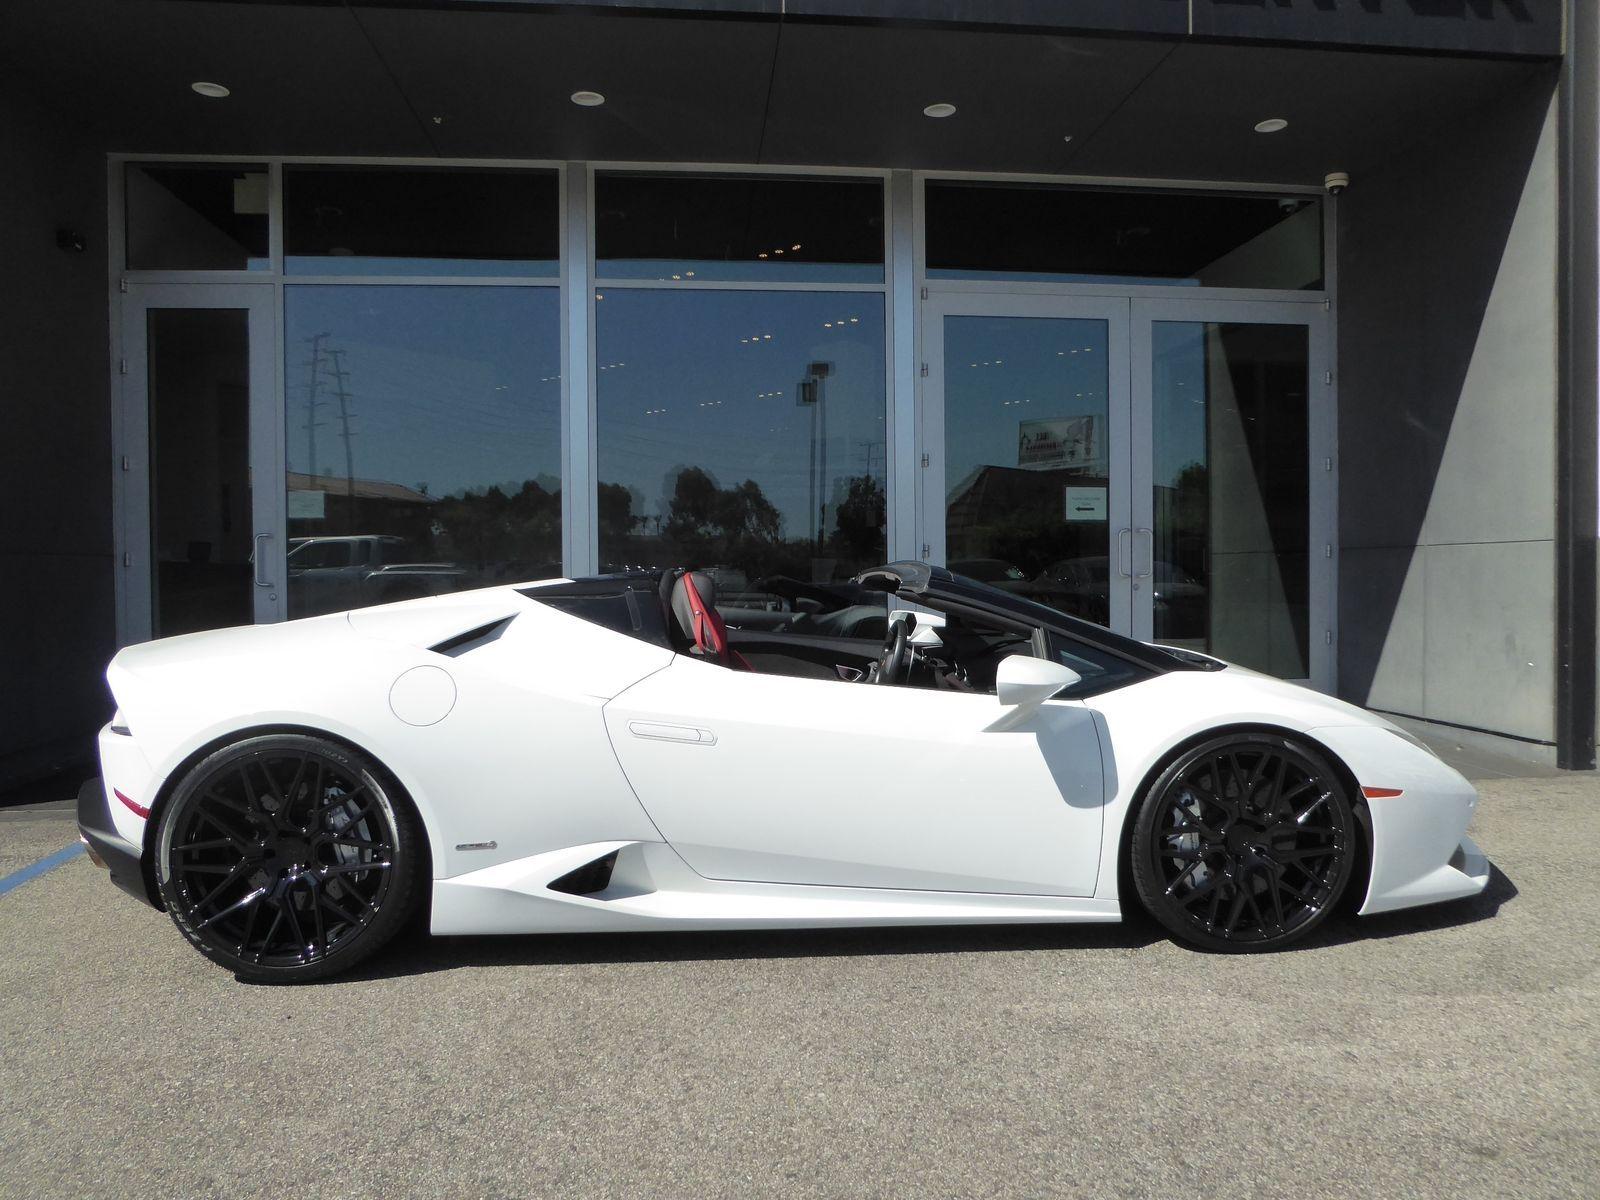 48bfe65b1756b287ff74790e38666098 Marvelous Lamborghini Huracan Hack asphalt 8 Cars Trend